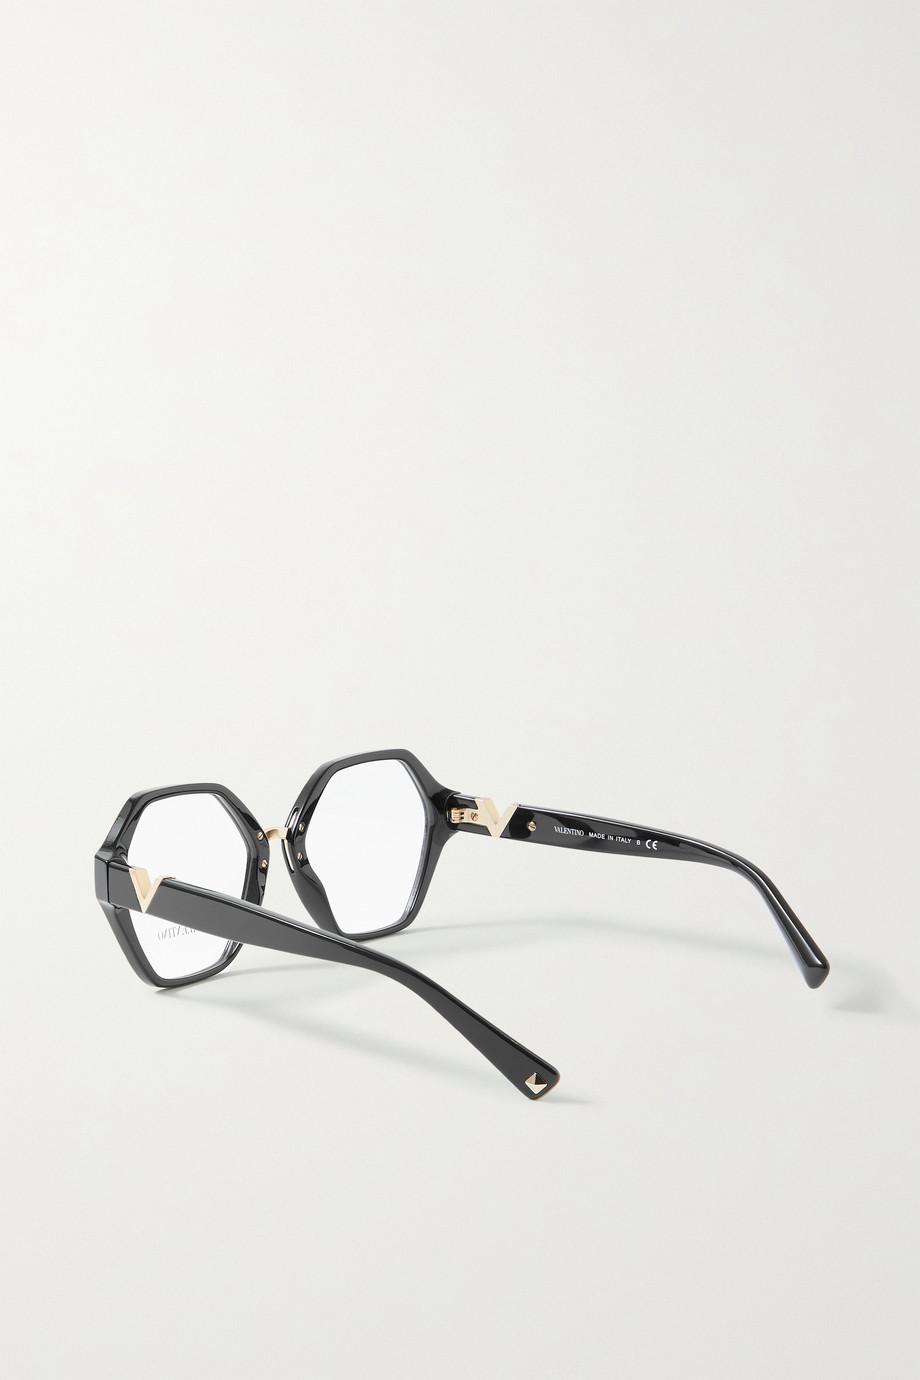 Valentino Valentino Garavani Brille mit sechseckigem Rahmen aus Azetat mit goldfarbenen Details